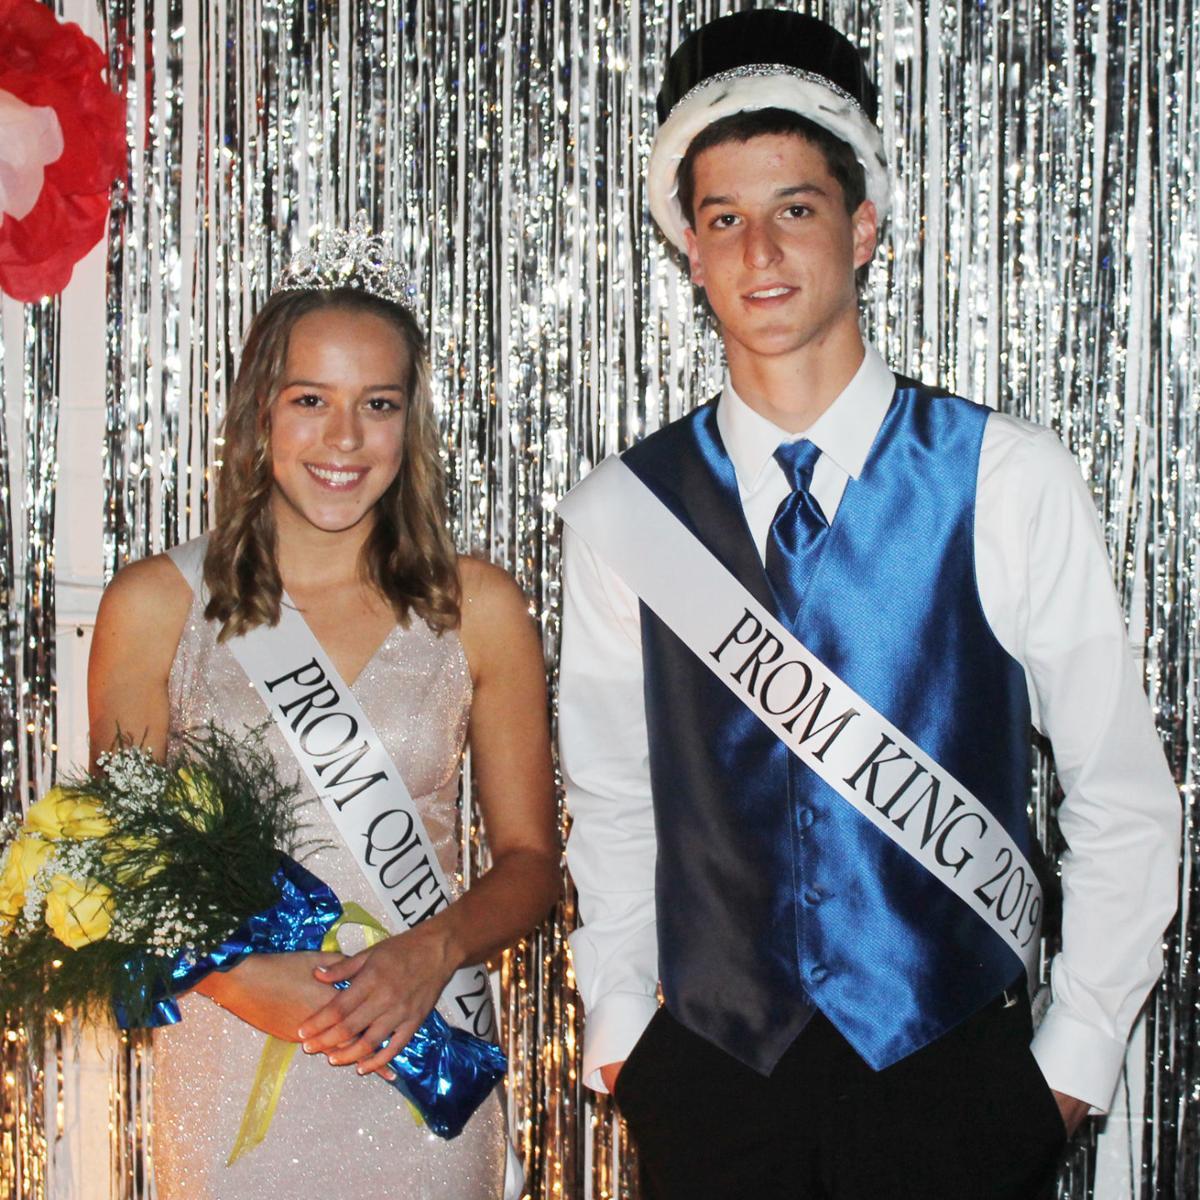 Siblings crowned Hoopeston Area High School Prom royalty